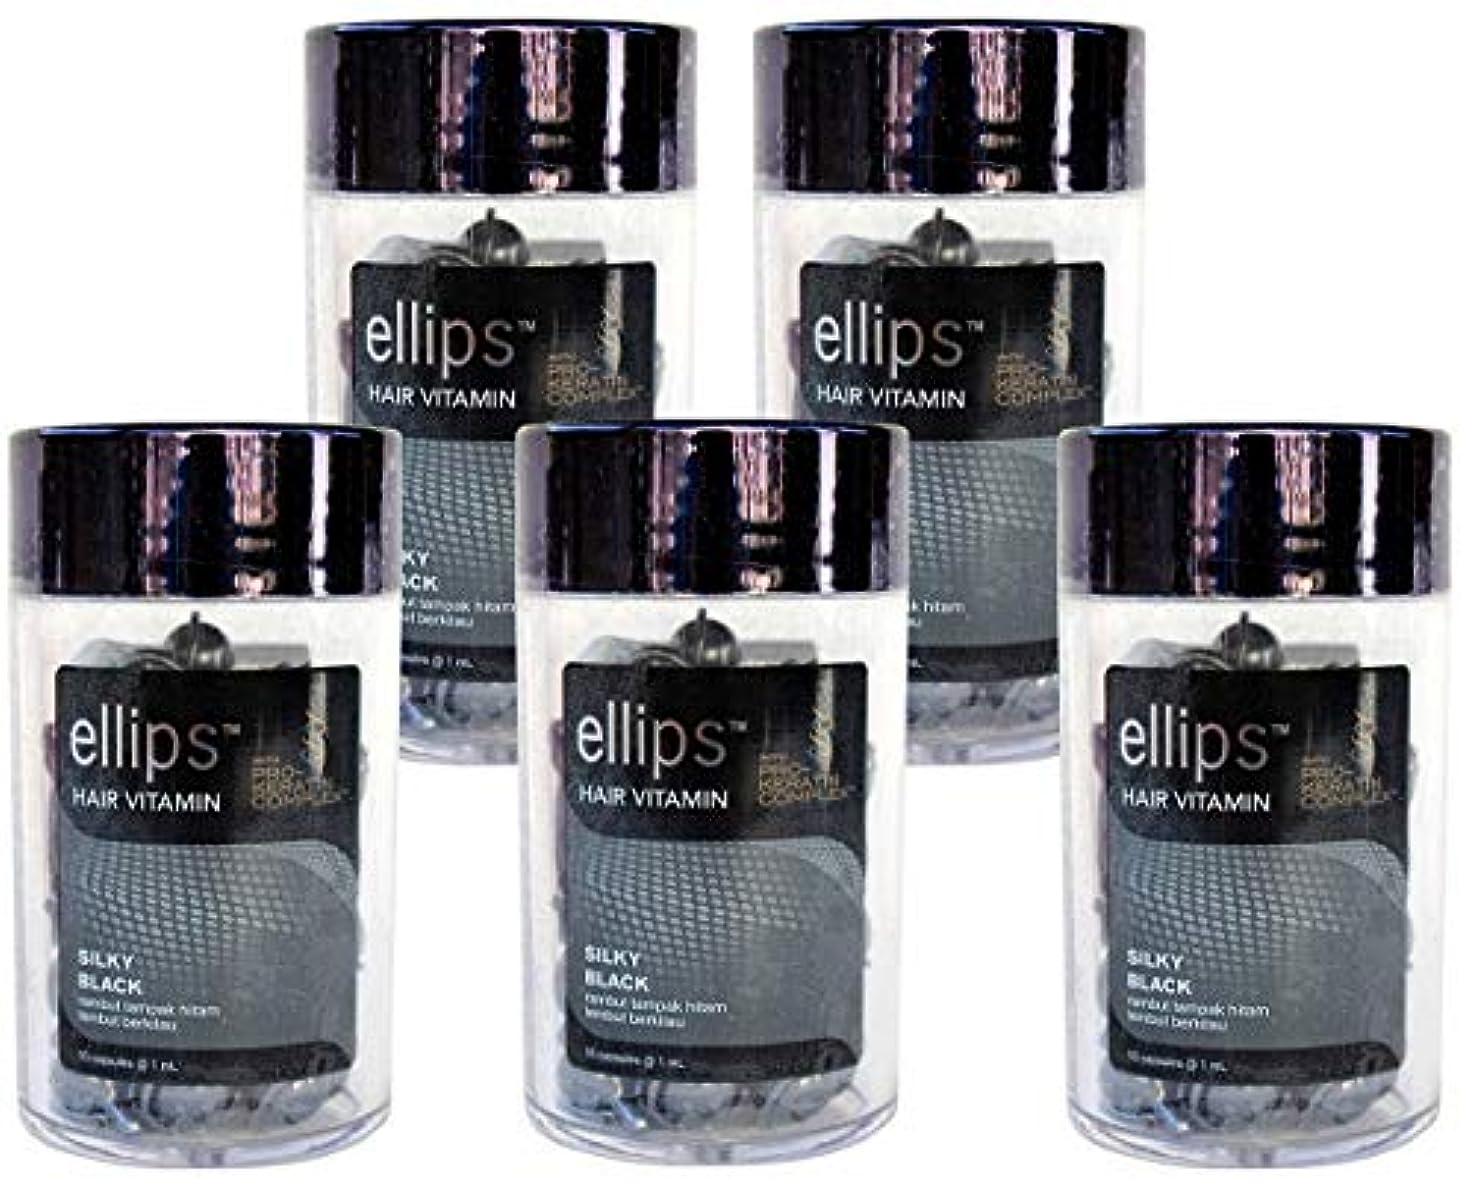 不正直スーツ海軍ellips エリプス Hair Vitamin ヘア ビタミン Pro-Keratin Complex プロケラチン配合 SILKY BLACK ブラック ボトル(50粒入) × 5本 セット [並行輸入品][海外直送品]